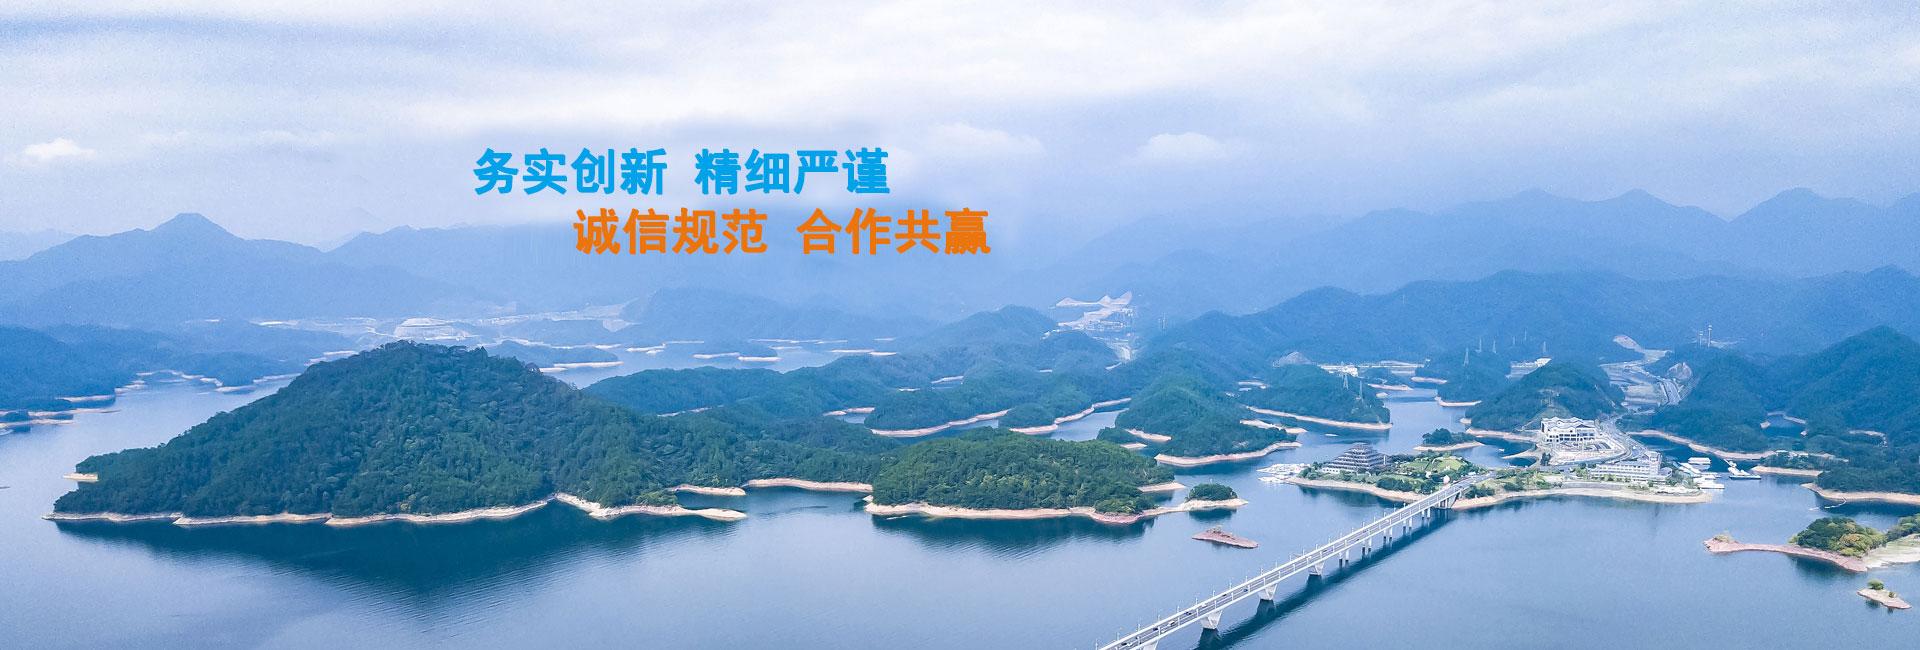 深圳市政管道清淤,深圳水务养护公司,深圳绿化工程公司